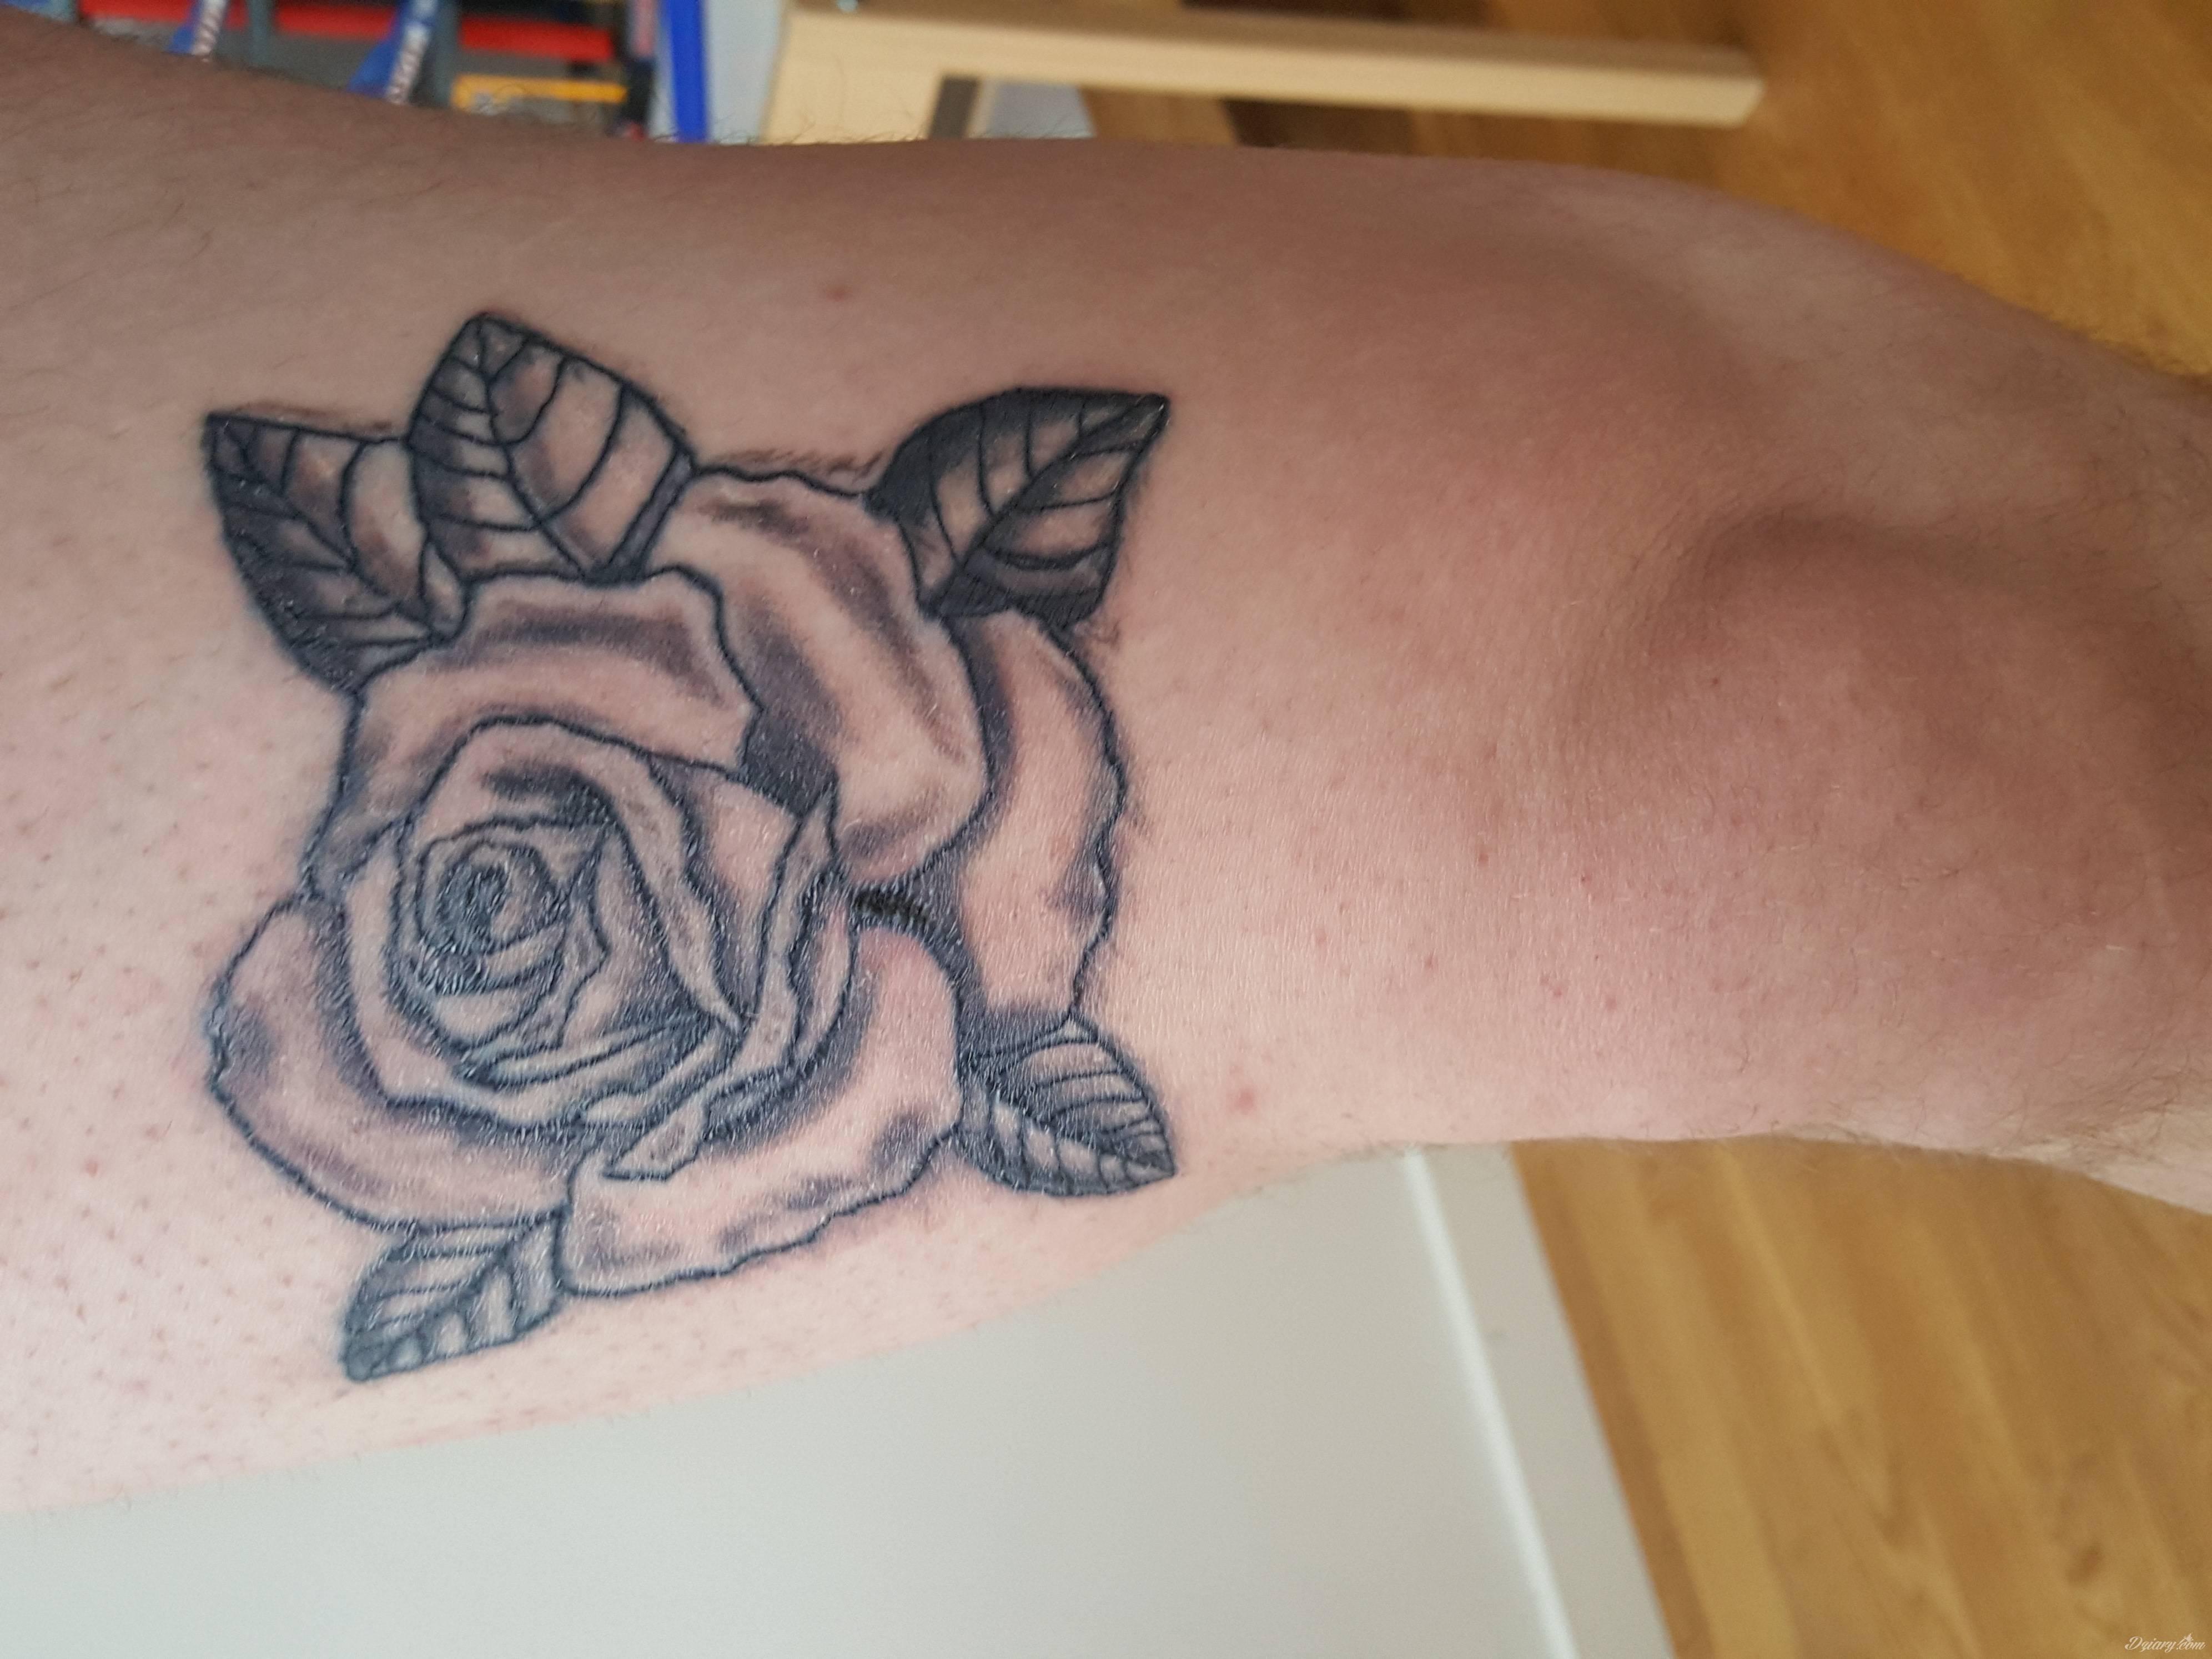 Pierwsza Wykonana Praca Na Sobie Tatuaże Forum